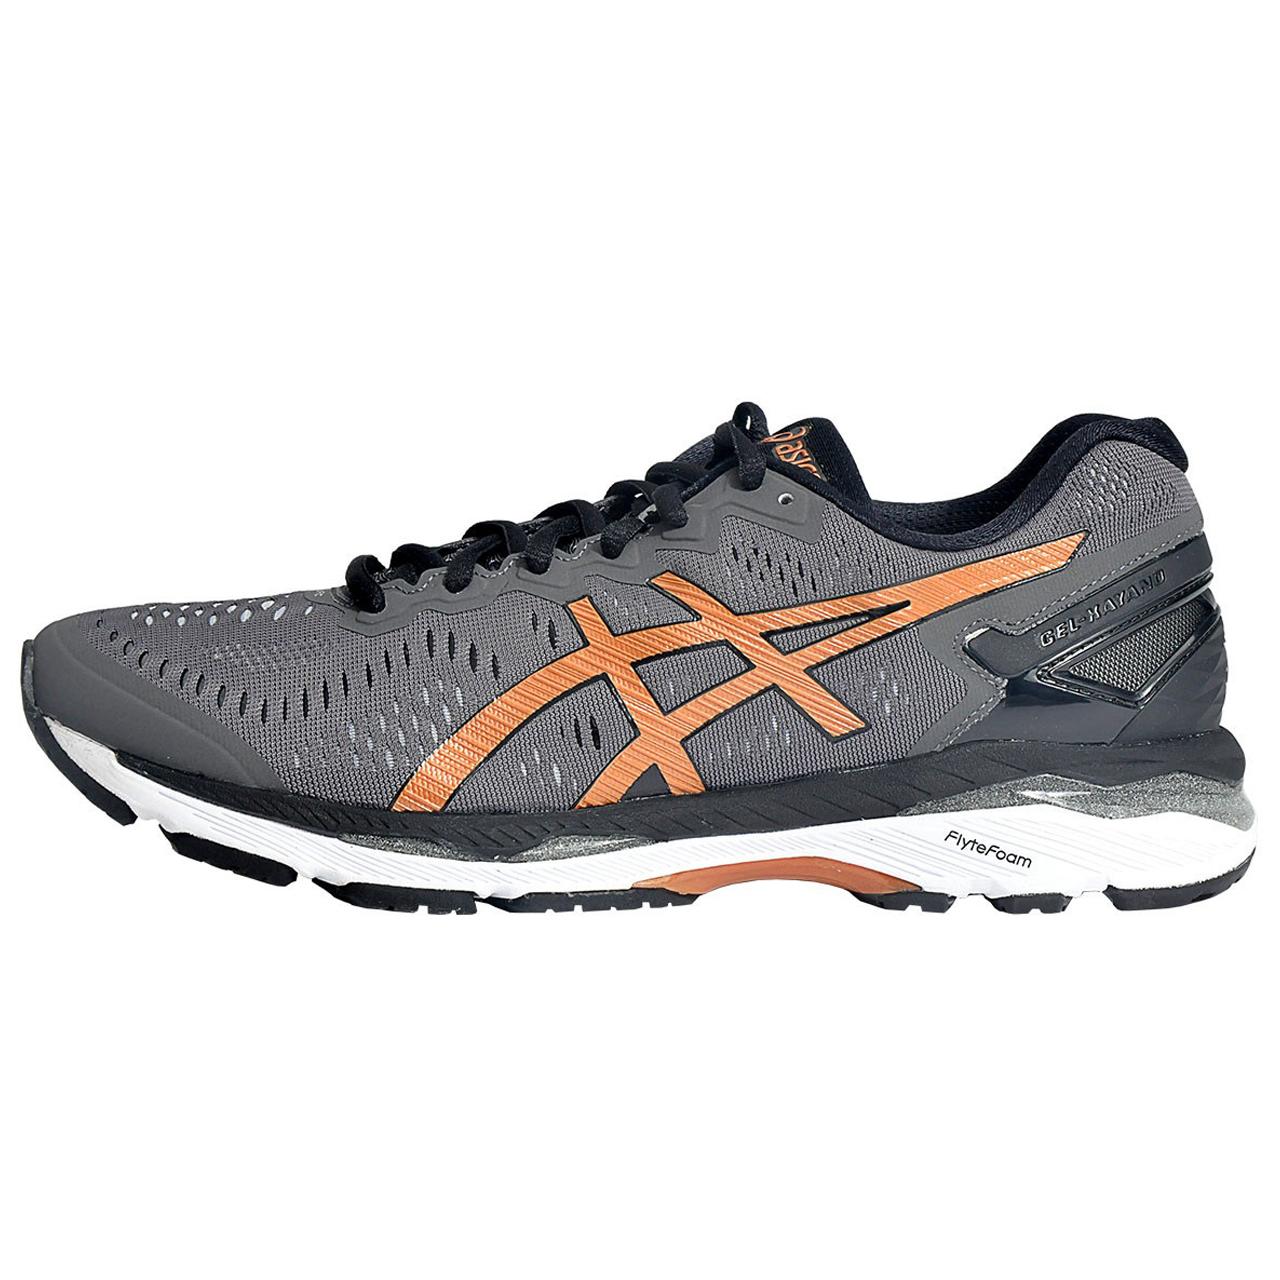 قیمت کفش مخصوص دویدن مردانه اسیکس مدل gel kayano کد T8797N